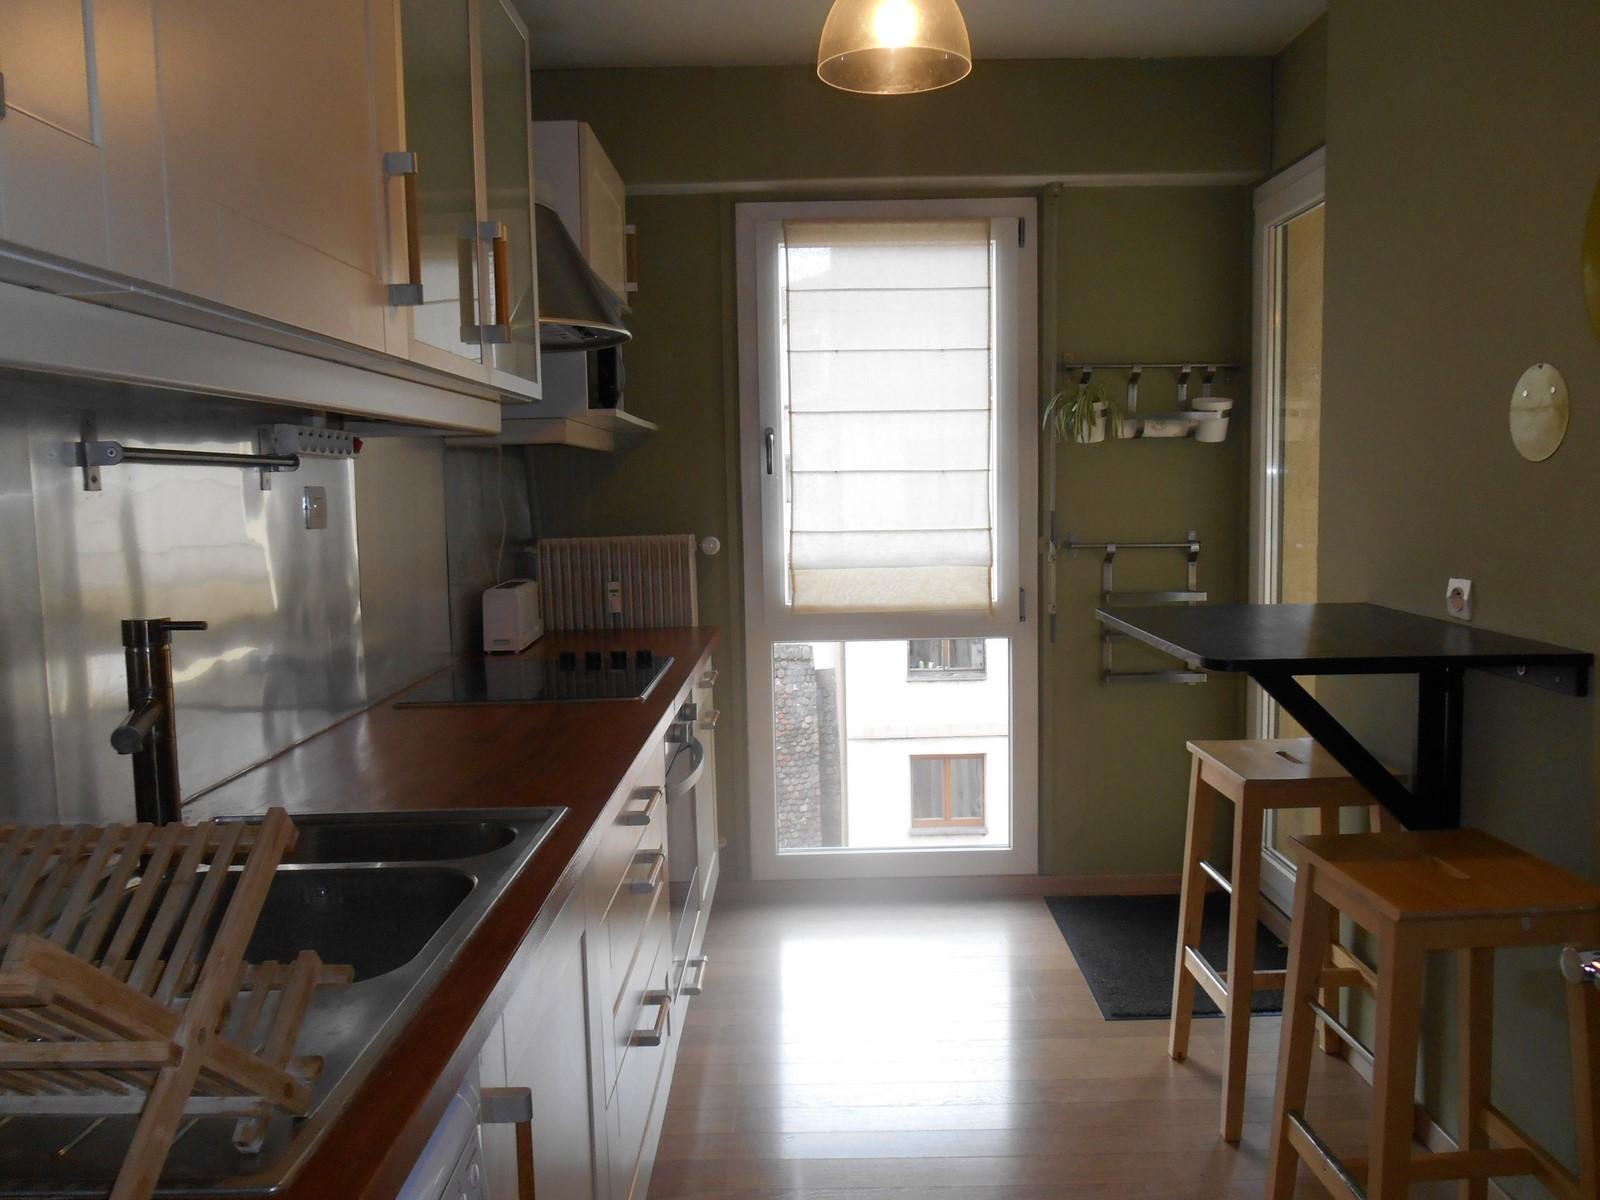 [Cosy] Agréable 2 pièces meublé – Bourse / rue Paul Reiss - nos locations - Beausite Immobilier 3